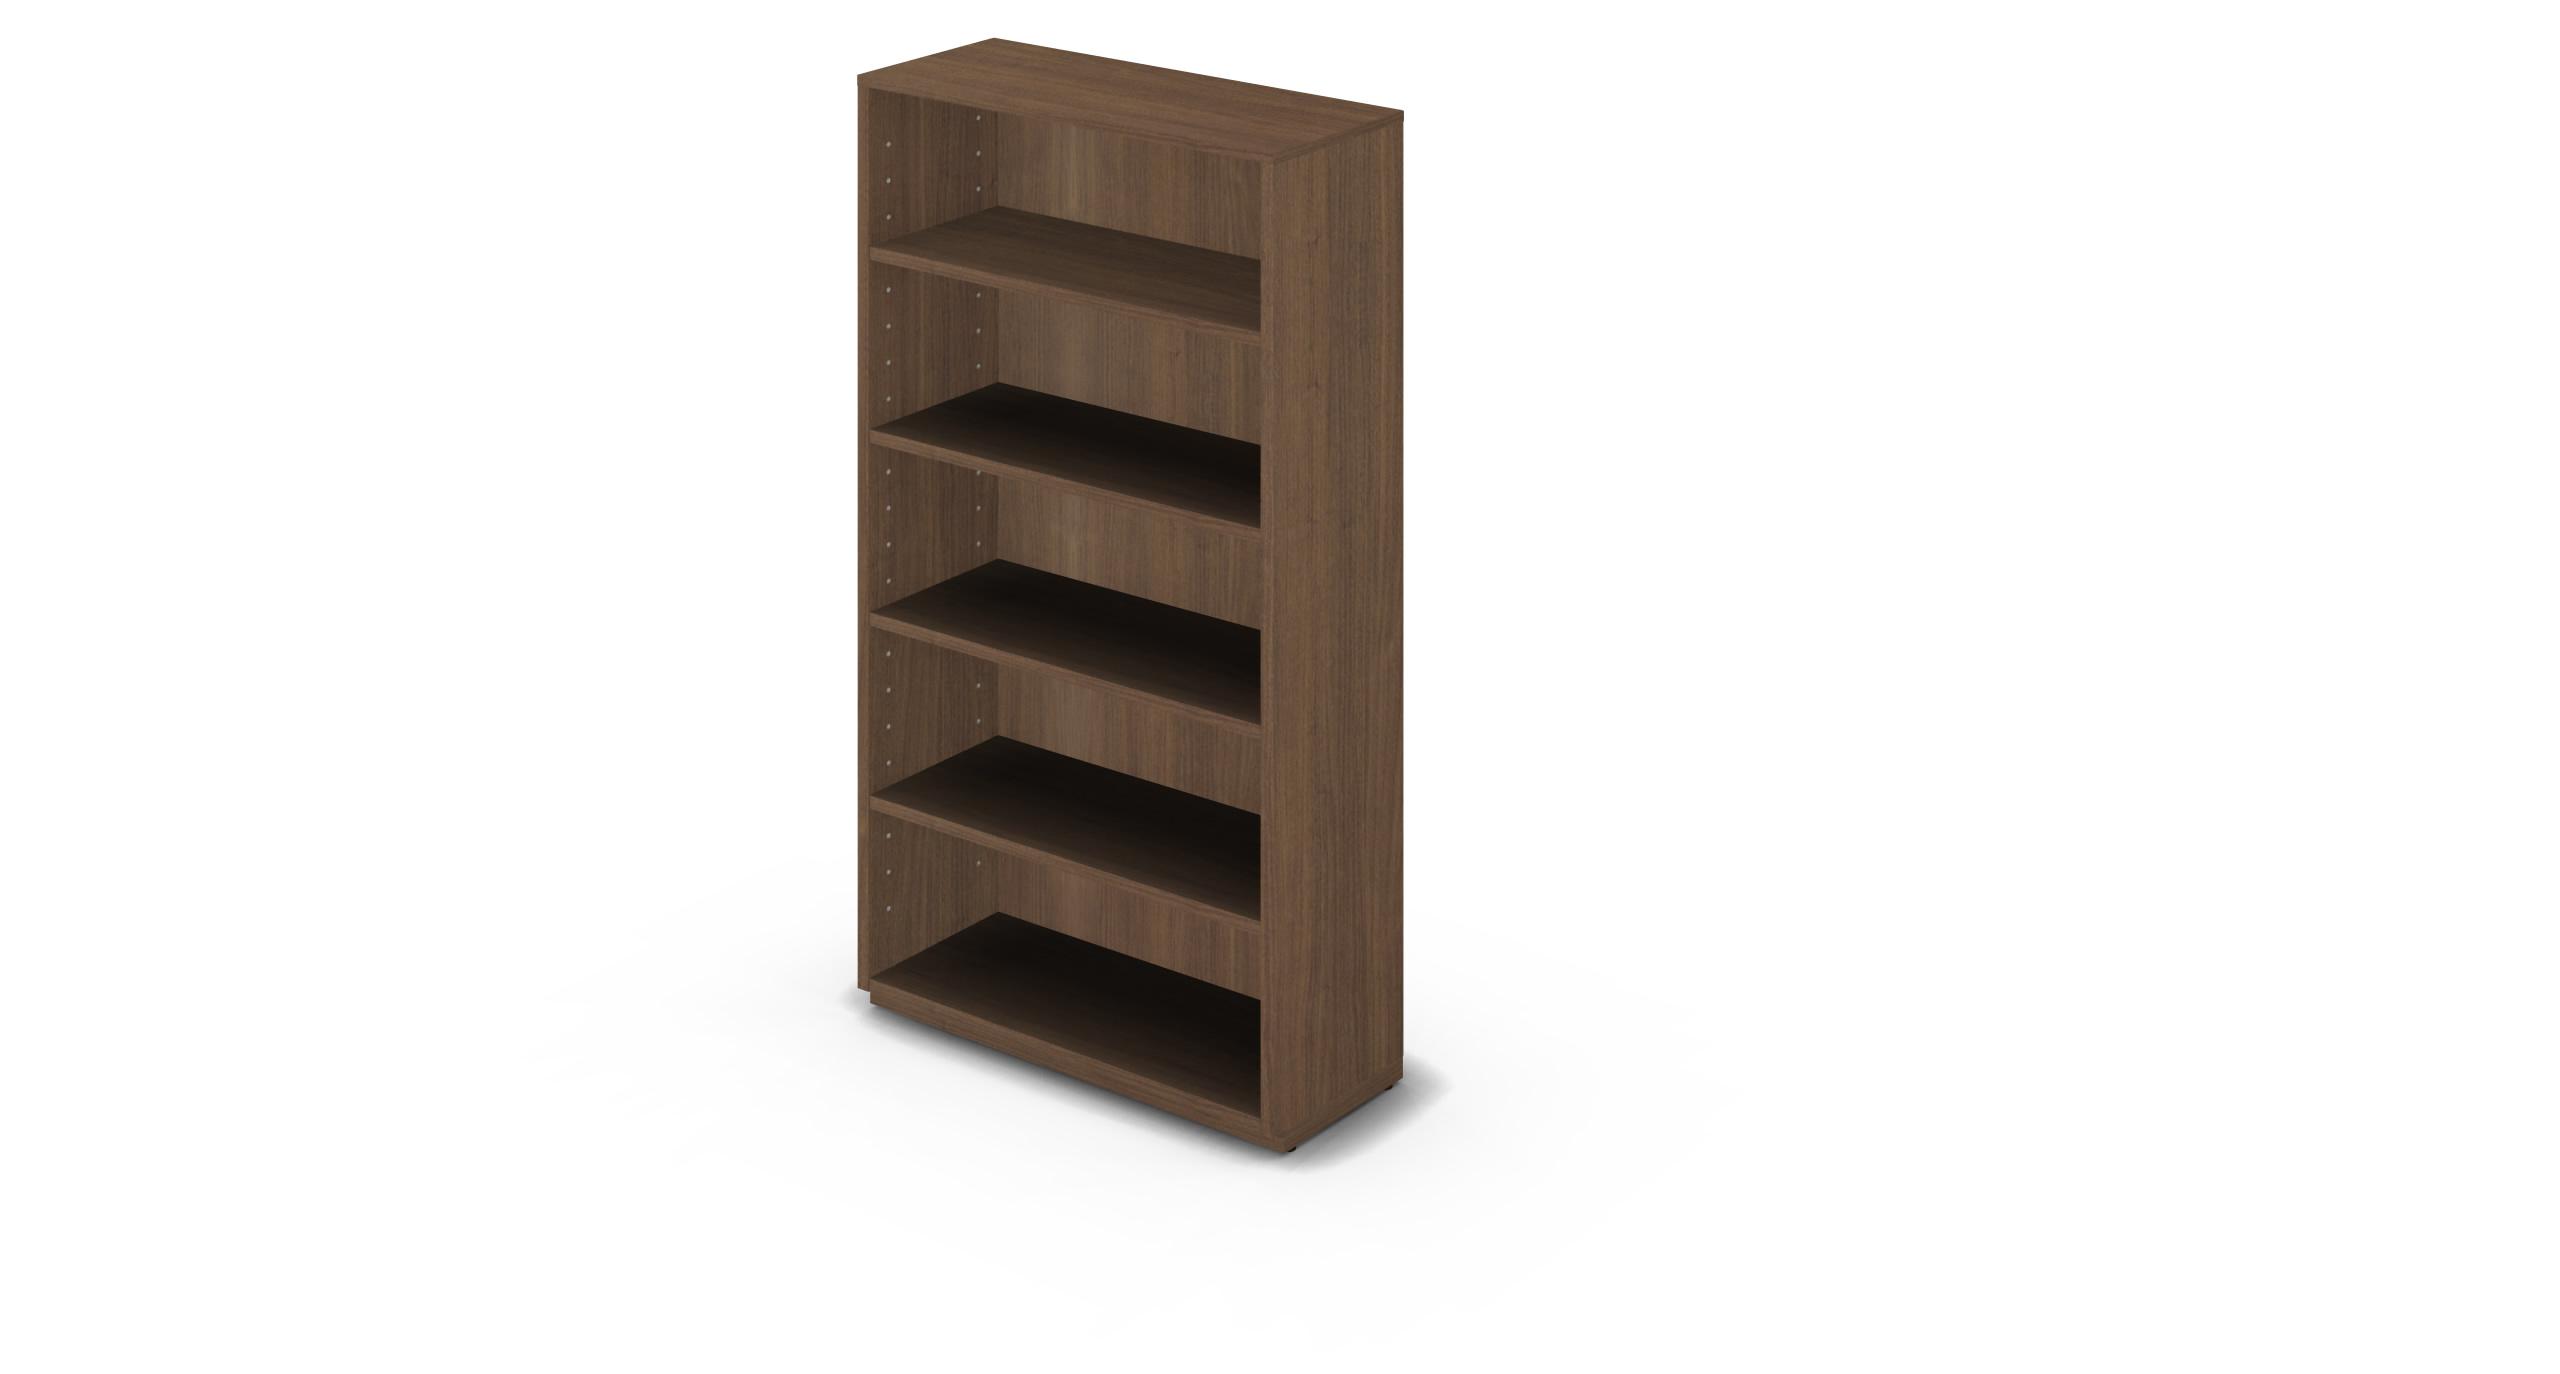 Shelf_900x350x1800_Walnut